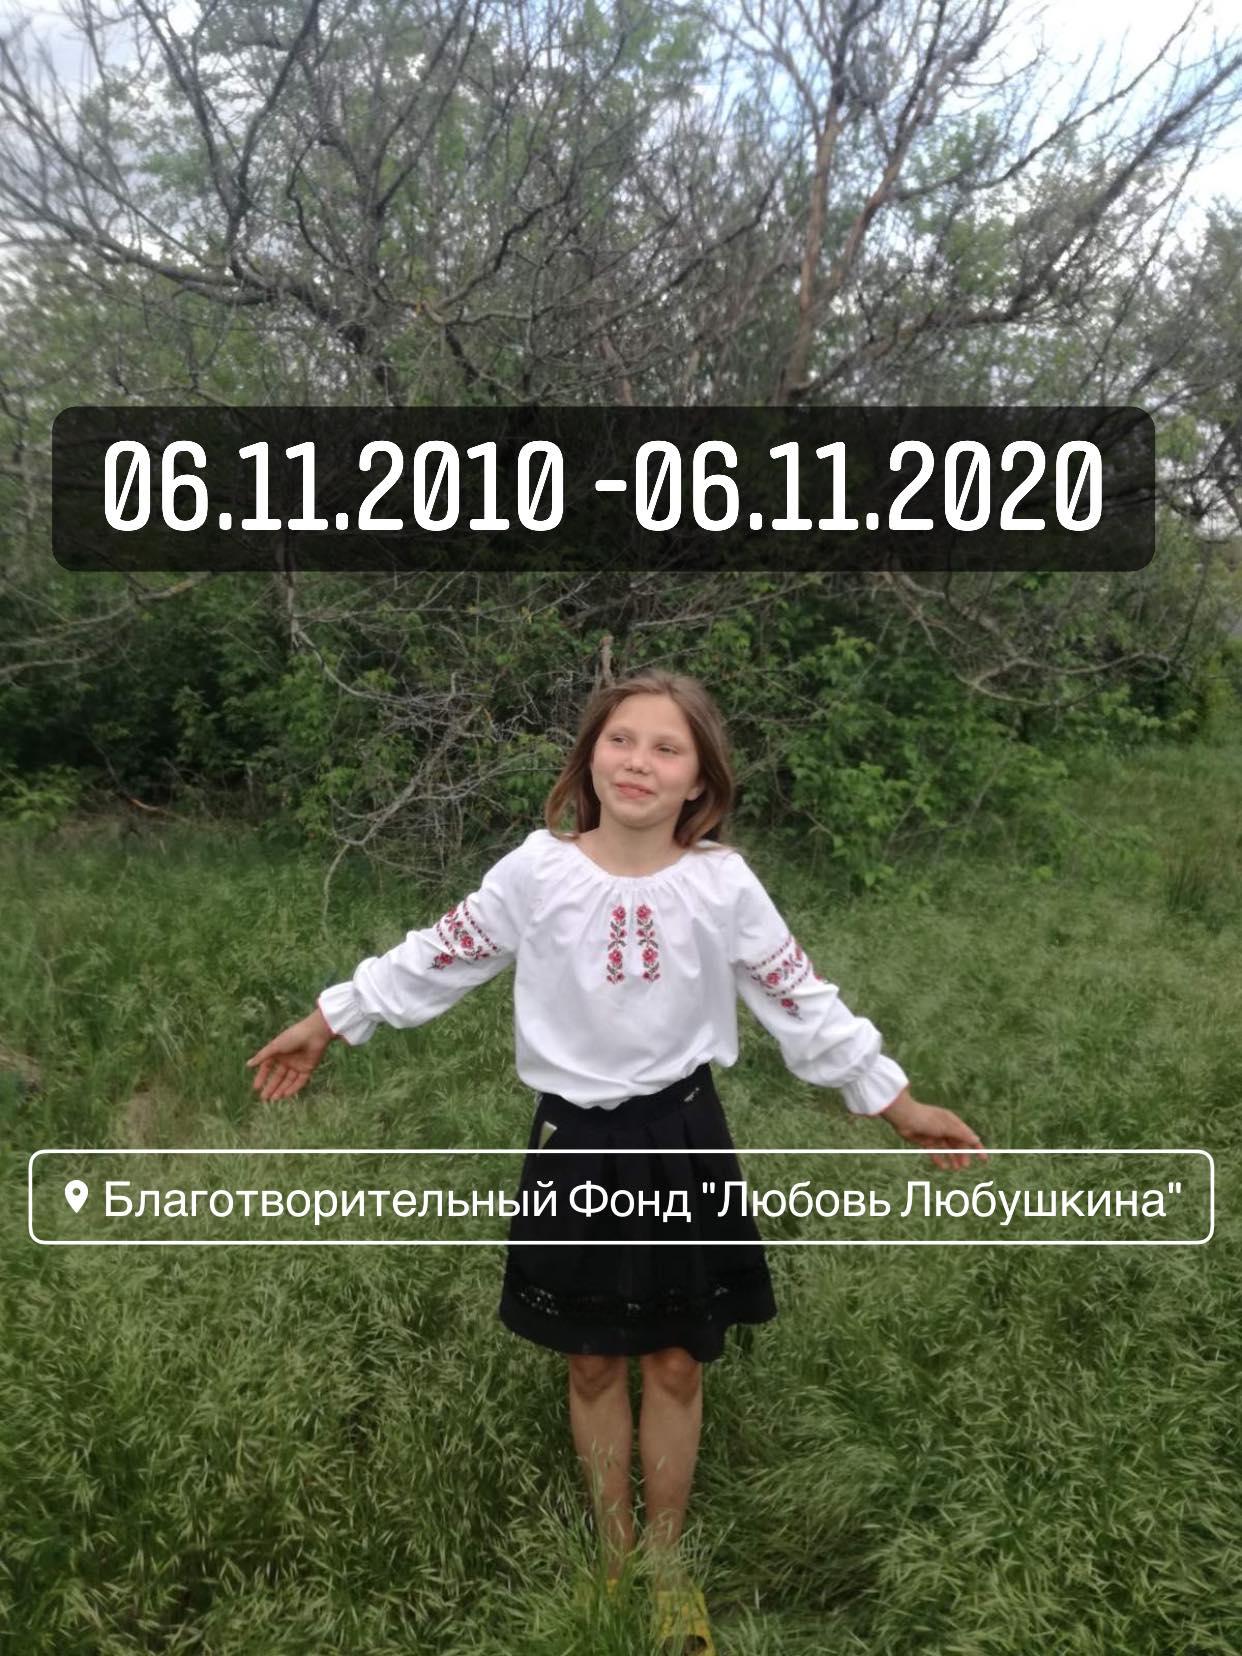 Умершая девочка Вика. Фото: Любовь Любушкина